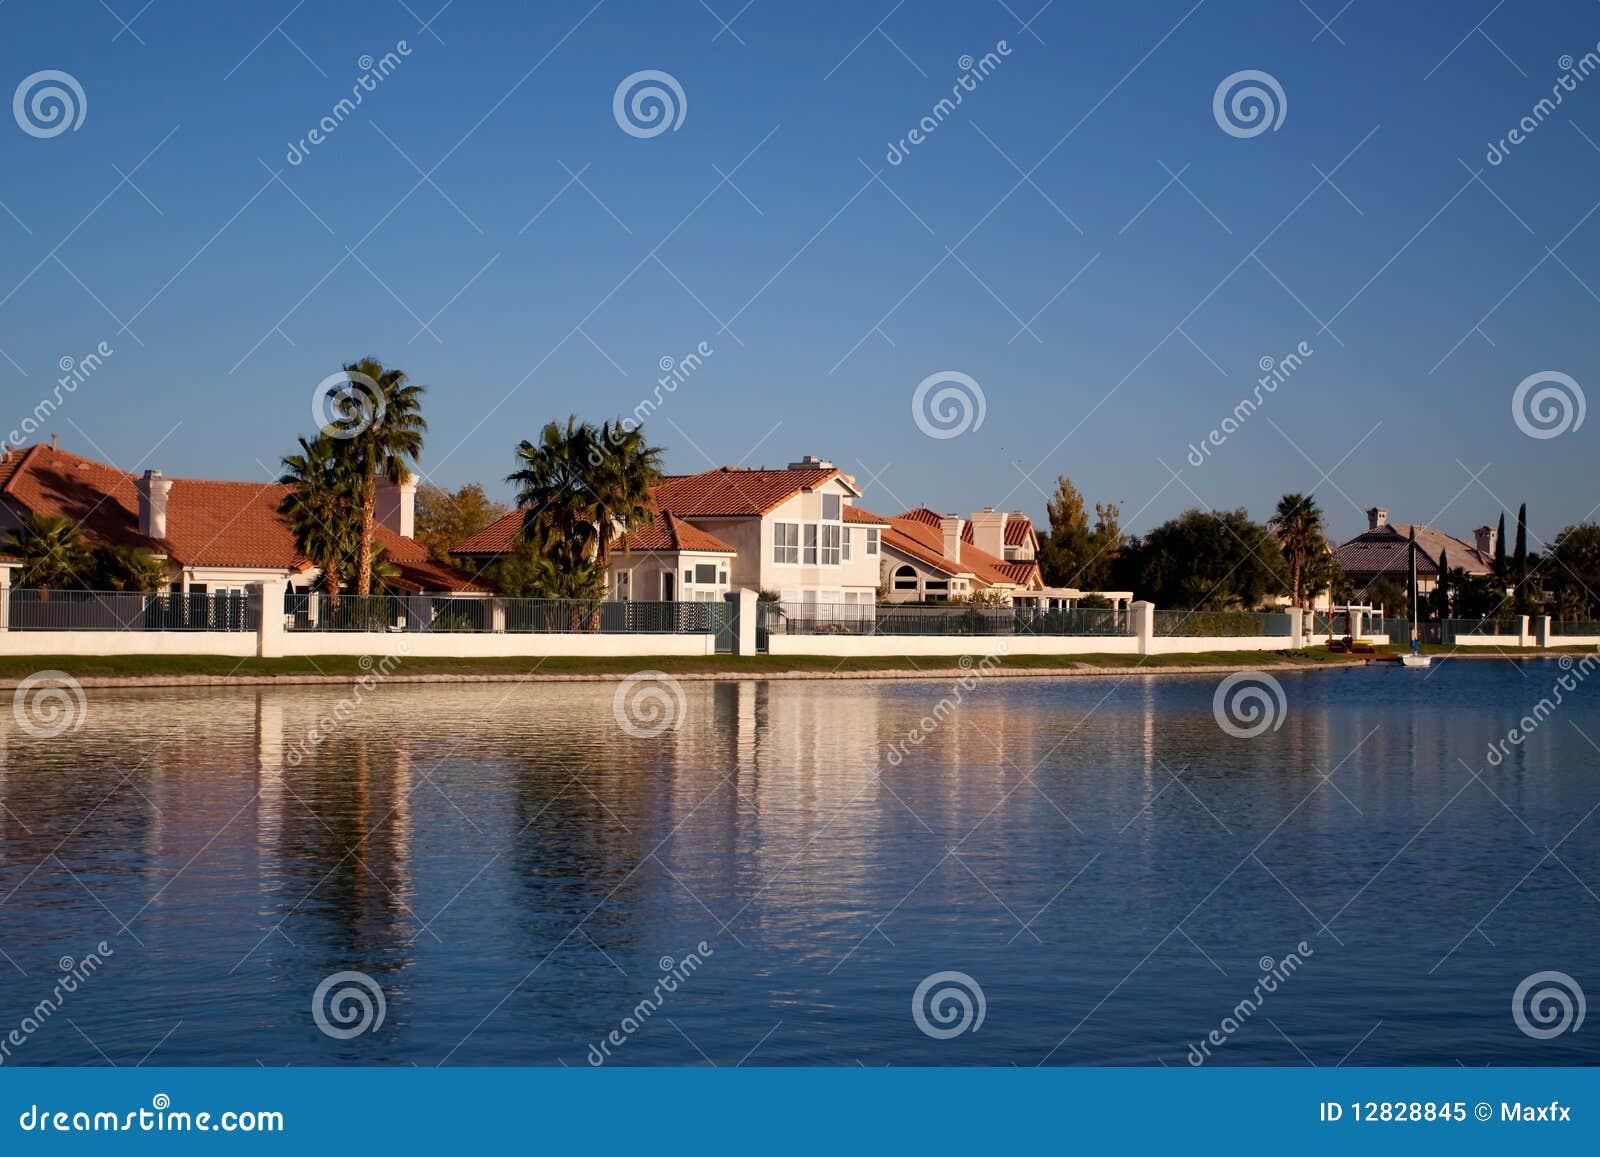 De huizen van de waterkant stock afbeelding afbeelding bestaande uit single 12828845 - Huizen van de wereldbank ...